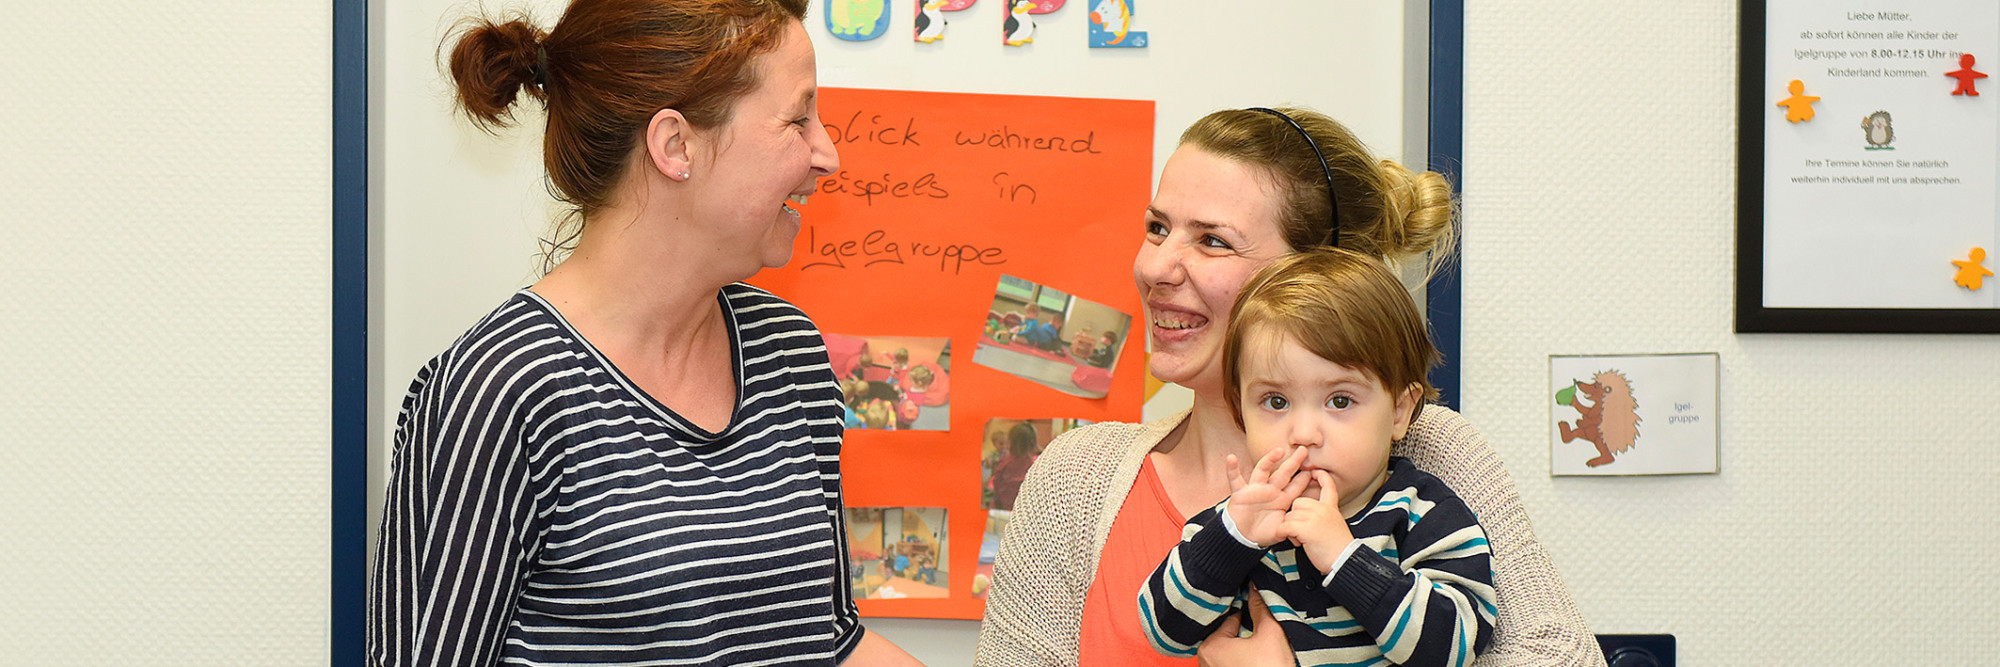 Eine Mitarbeiterin des Marianne van den Bisch Hauses im Gespräch mit einer Mutter und ihrem Kind.